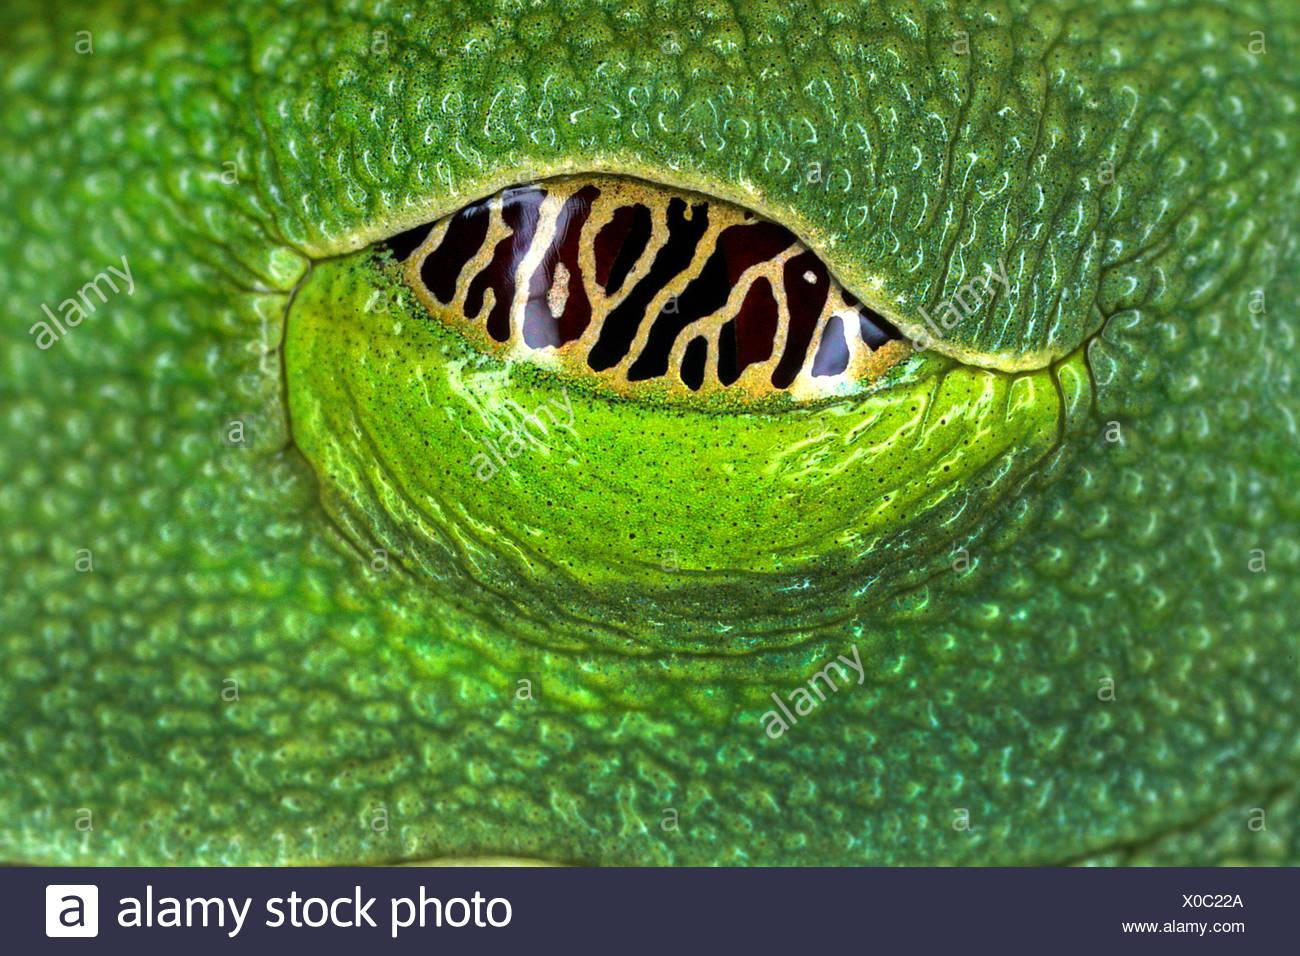 red-eyed treefrog, redeyed treefrog, redeye treefrog, red eye treefrog, red eyed frog (Agalychnis callidryas), eye, Seychelles Stock Photo